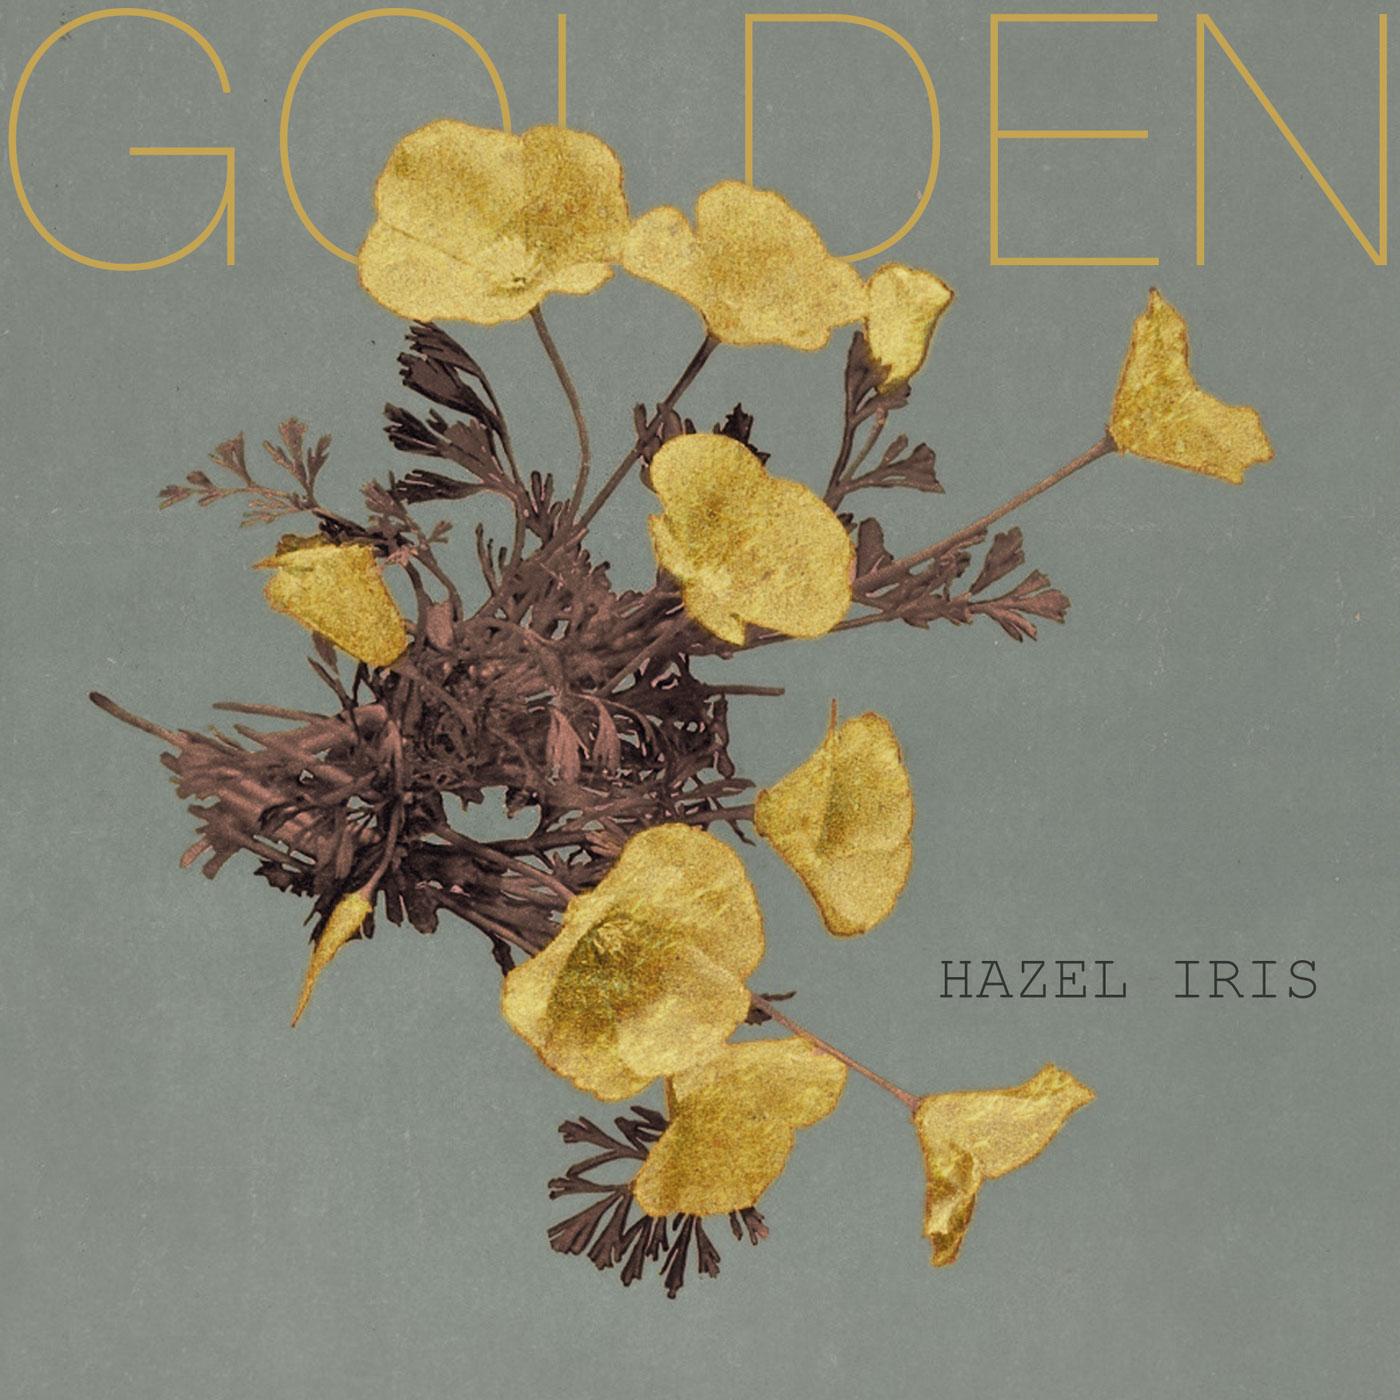 hazel iris golden cover